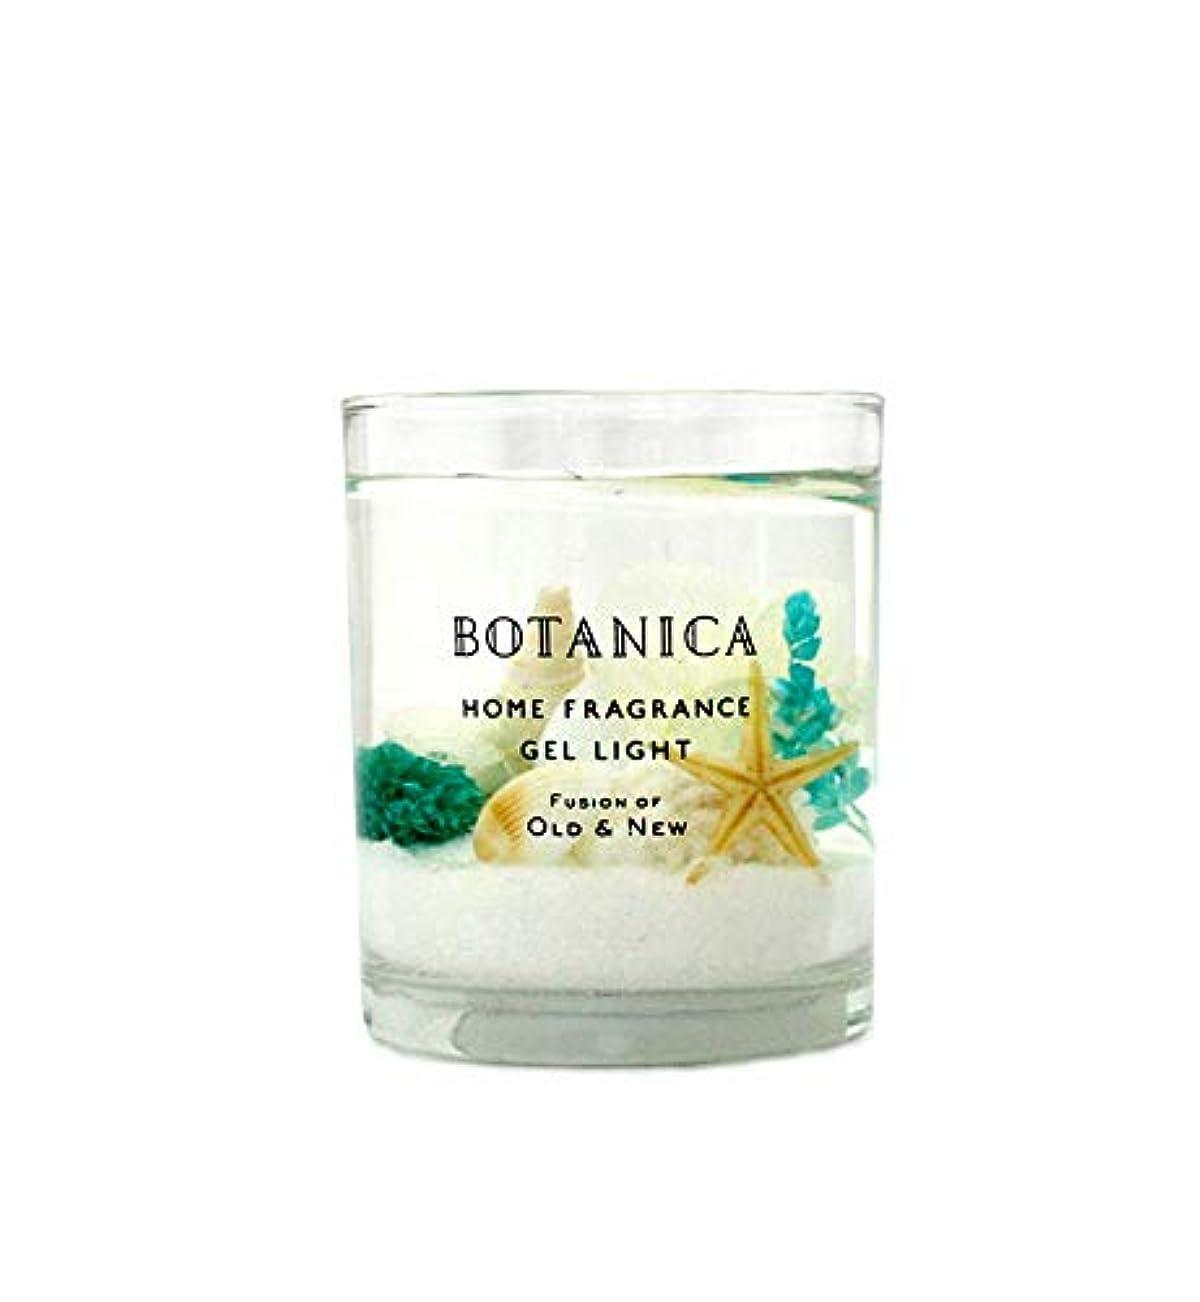 旋回レクリエーション放置BOTANICA(ボタニカ) BOTANICA ハーバリウムジェルライト クラリティーシェル Herbarium Gel Light Clarity Shell ボタニカ H75×Φ60mm/90g